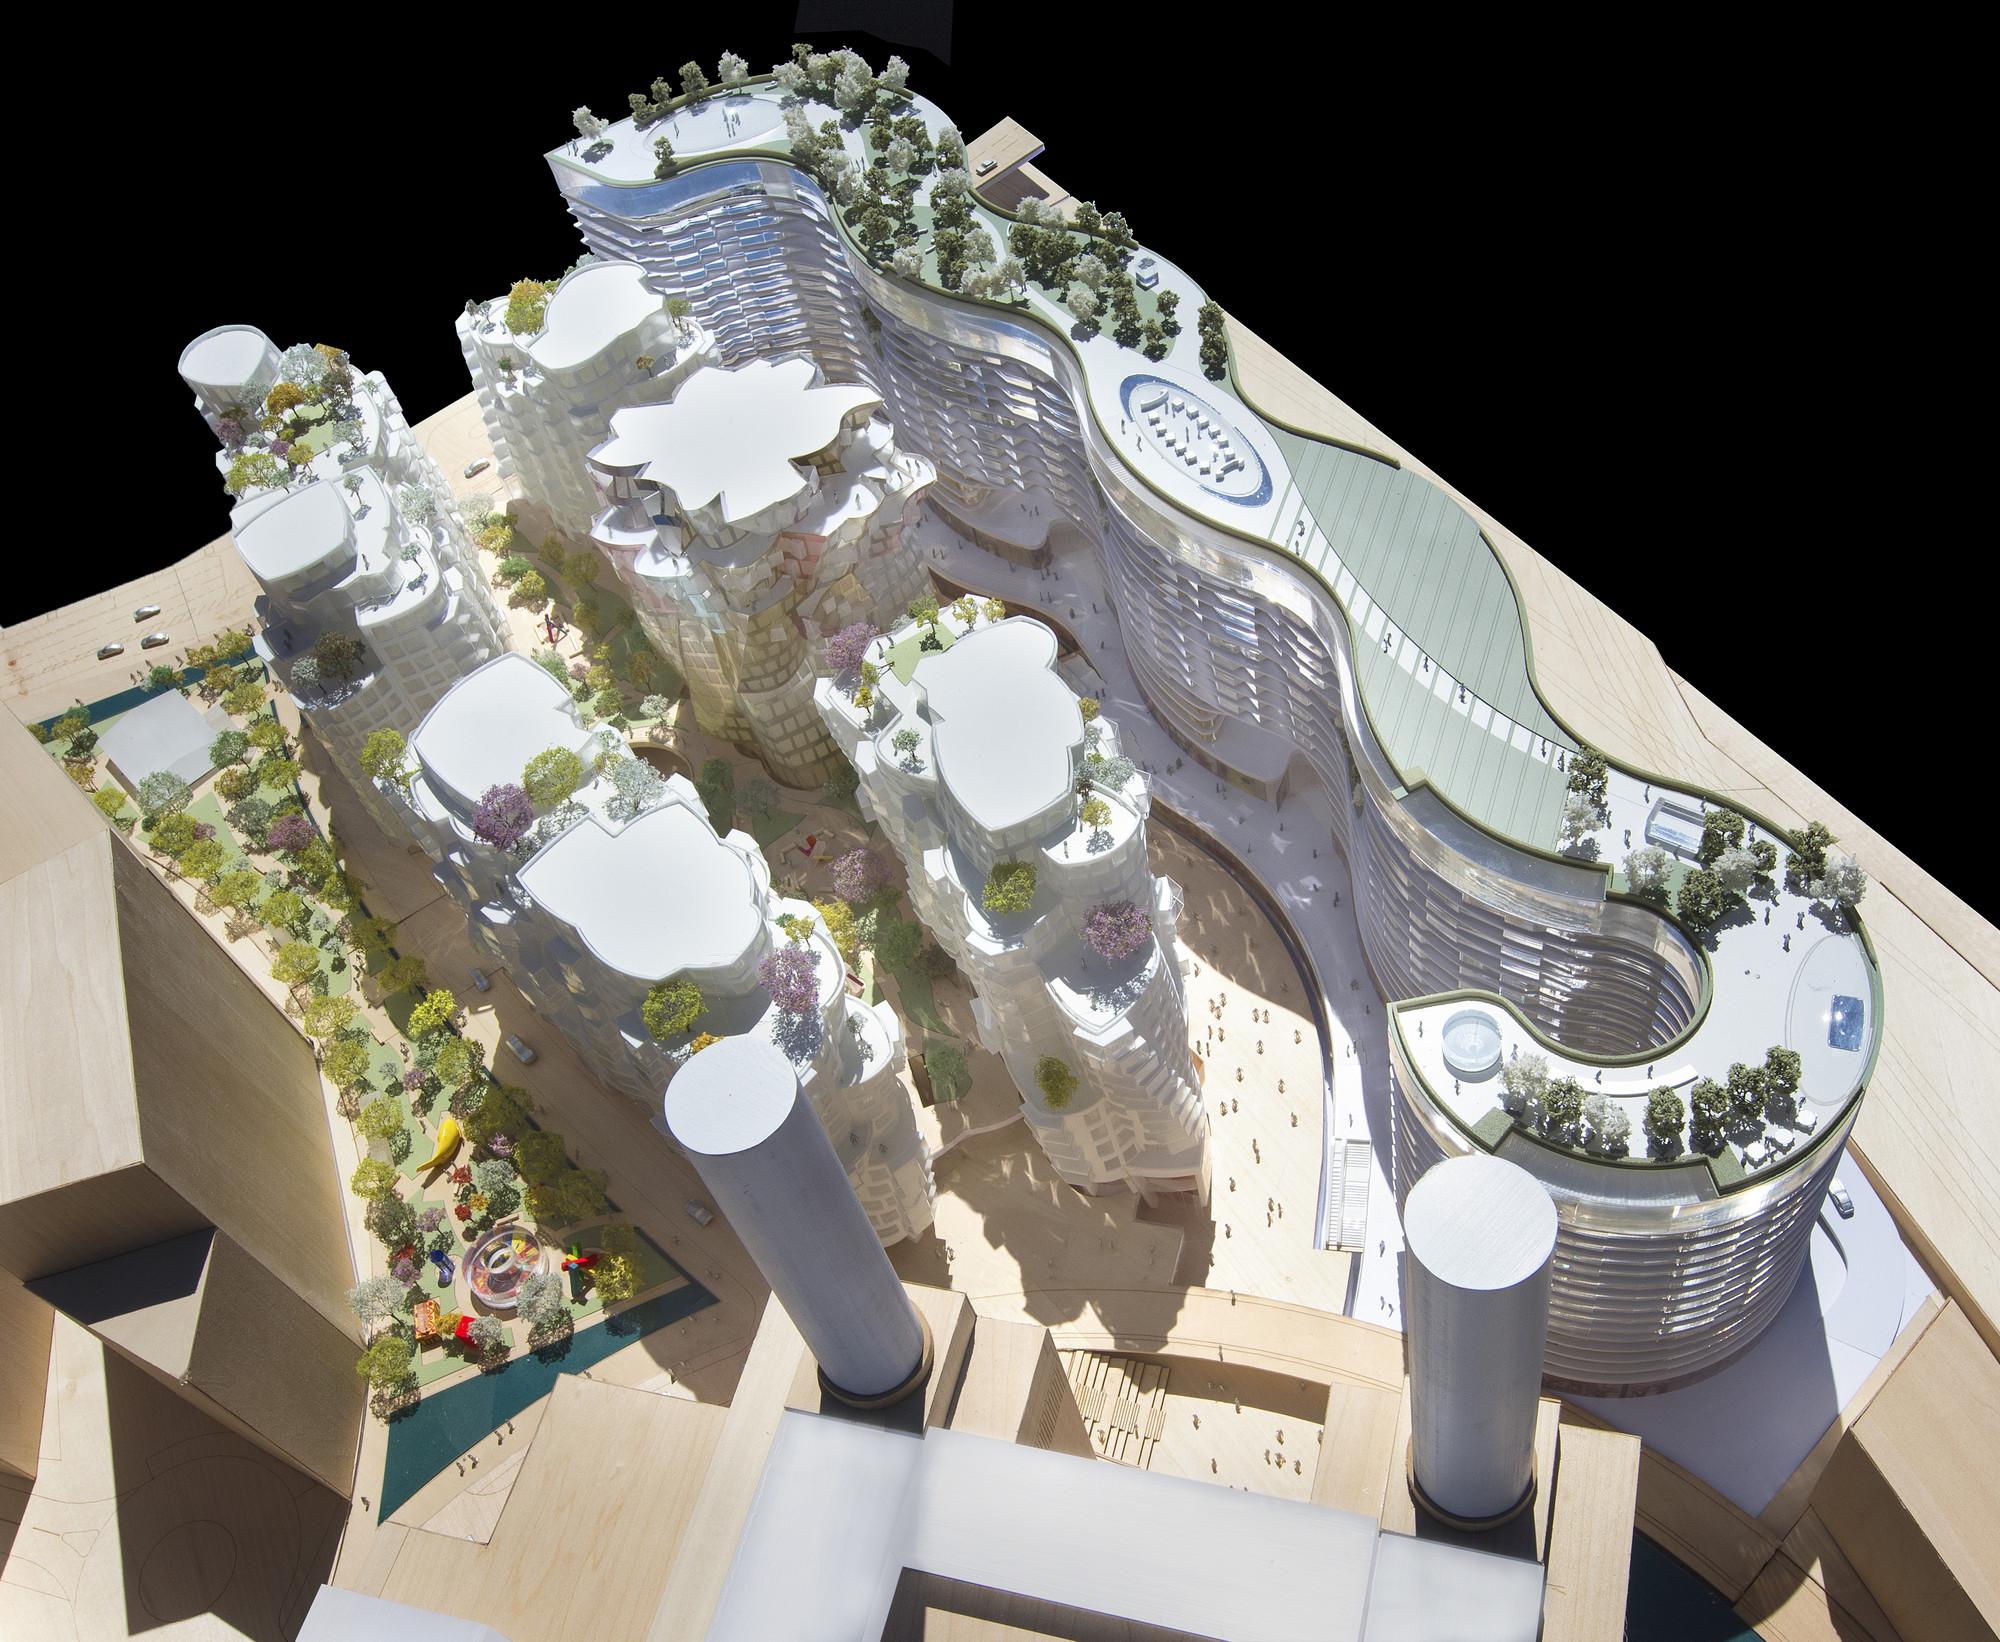 """Modelo de """"Línea de Horizonte"""" y """"Lugar de expectativas"""". Imágen cortesía de Central energética Battersea"""